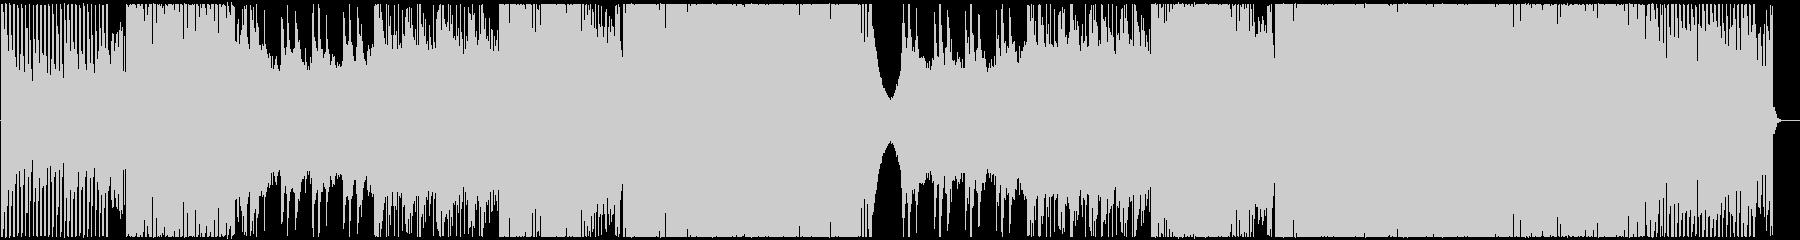 ピアノが爽やかなEDMの未再生の波形